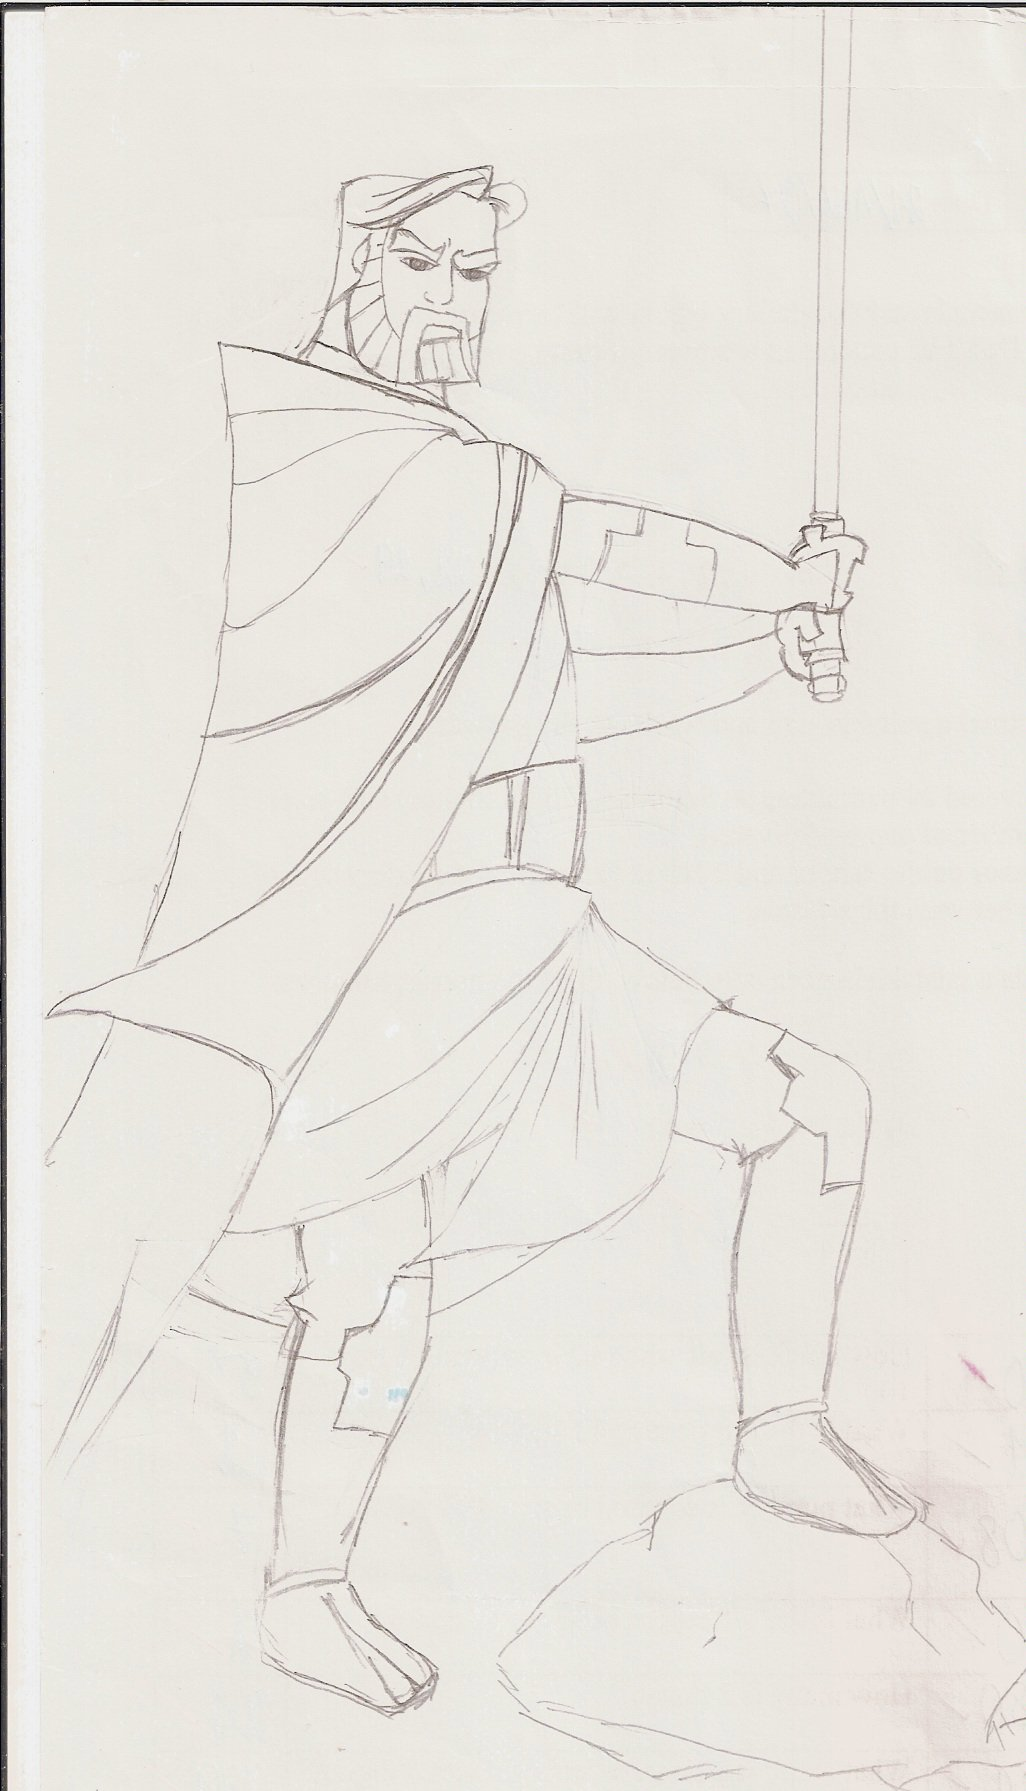 Clone Wars Obi-Wan Kenobi by RiderArgetlam